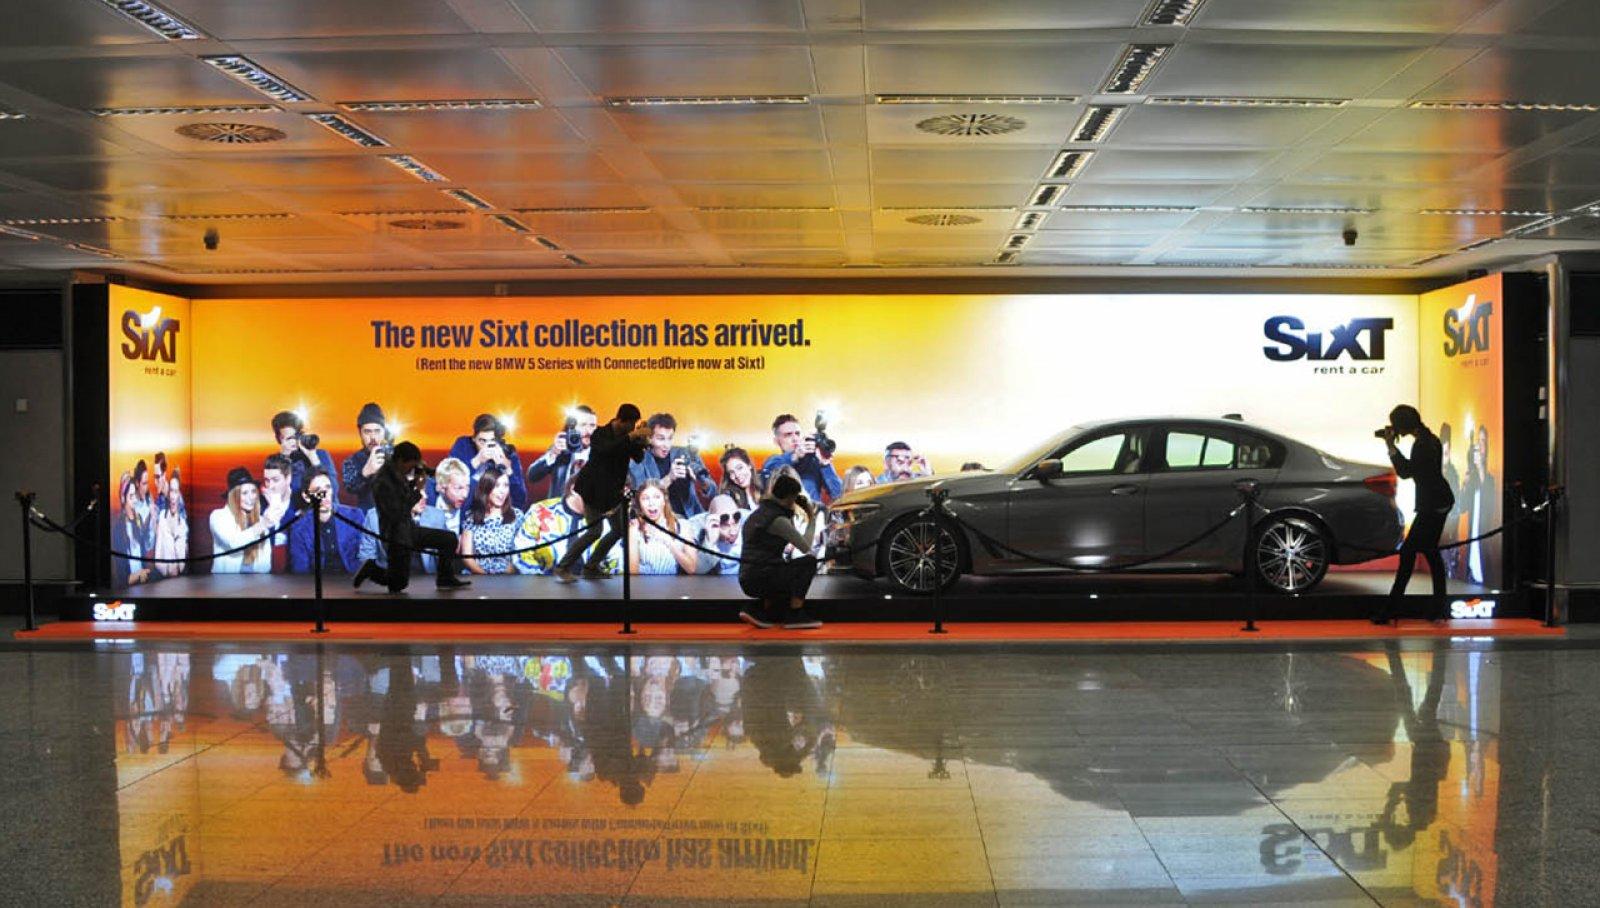 Pubblicità negli aeroporti IGPDecaux area espositiva per Sixt a Malpensa